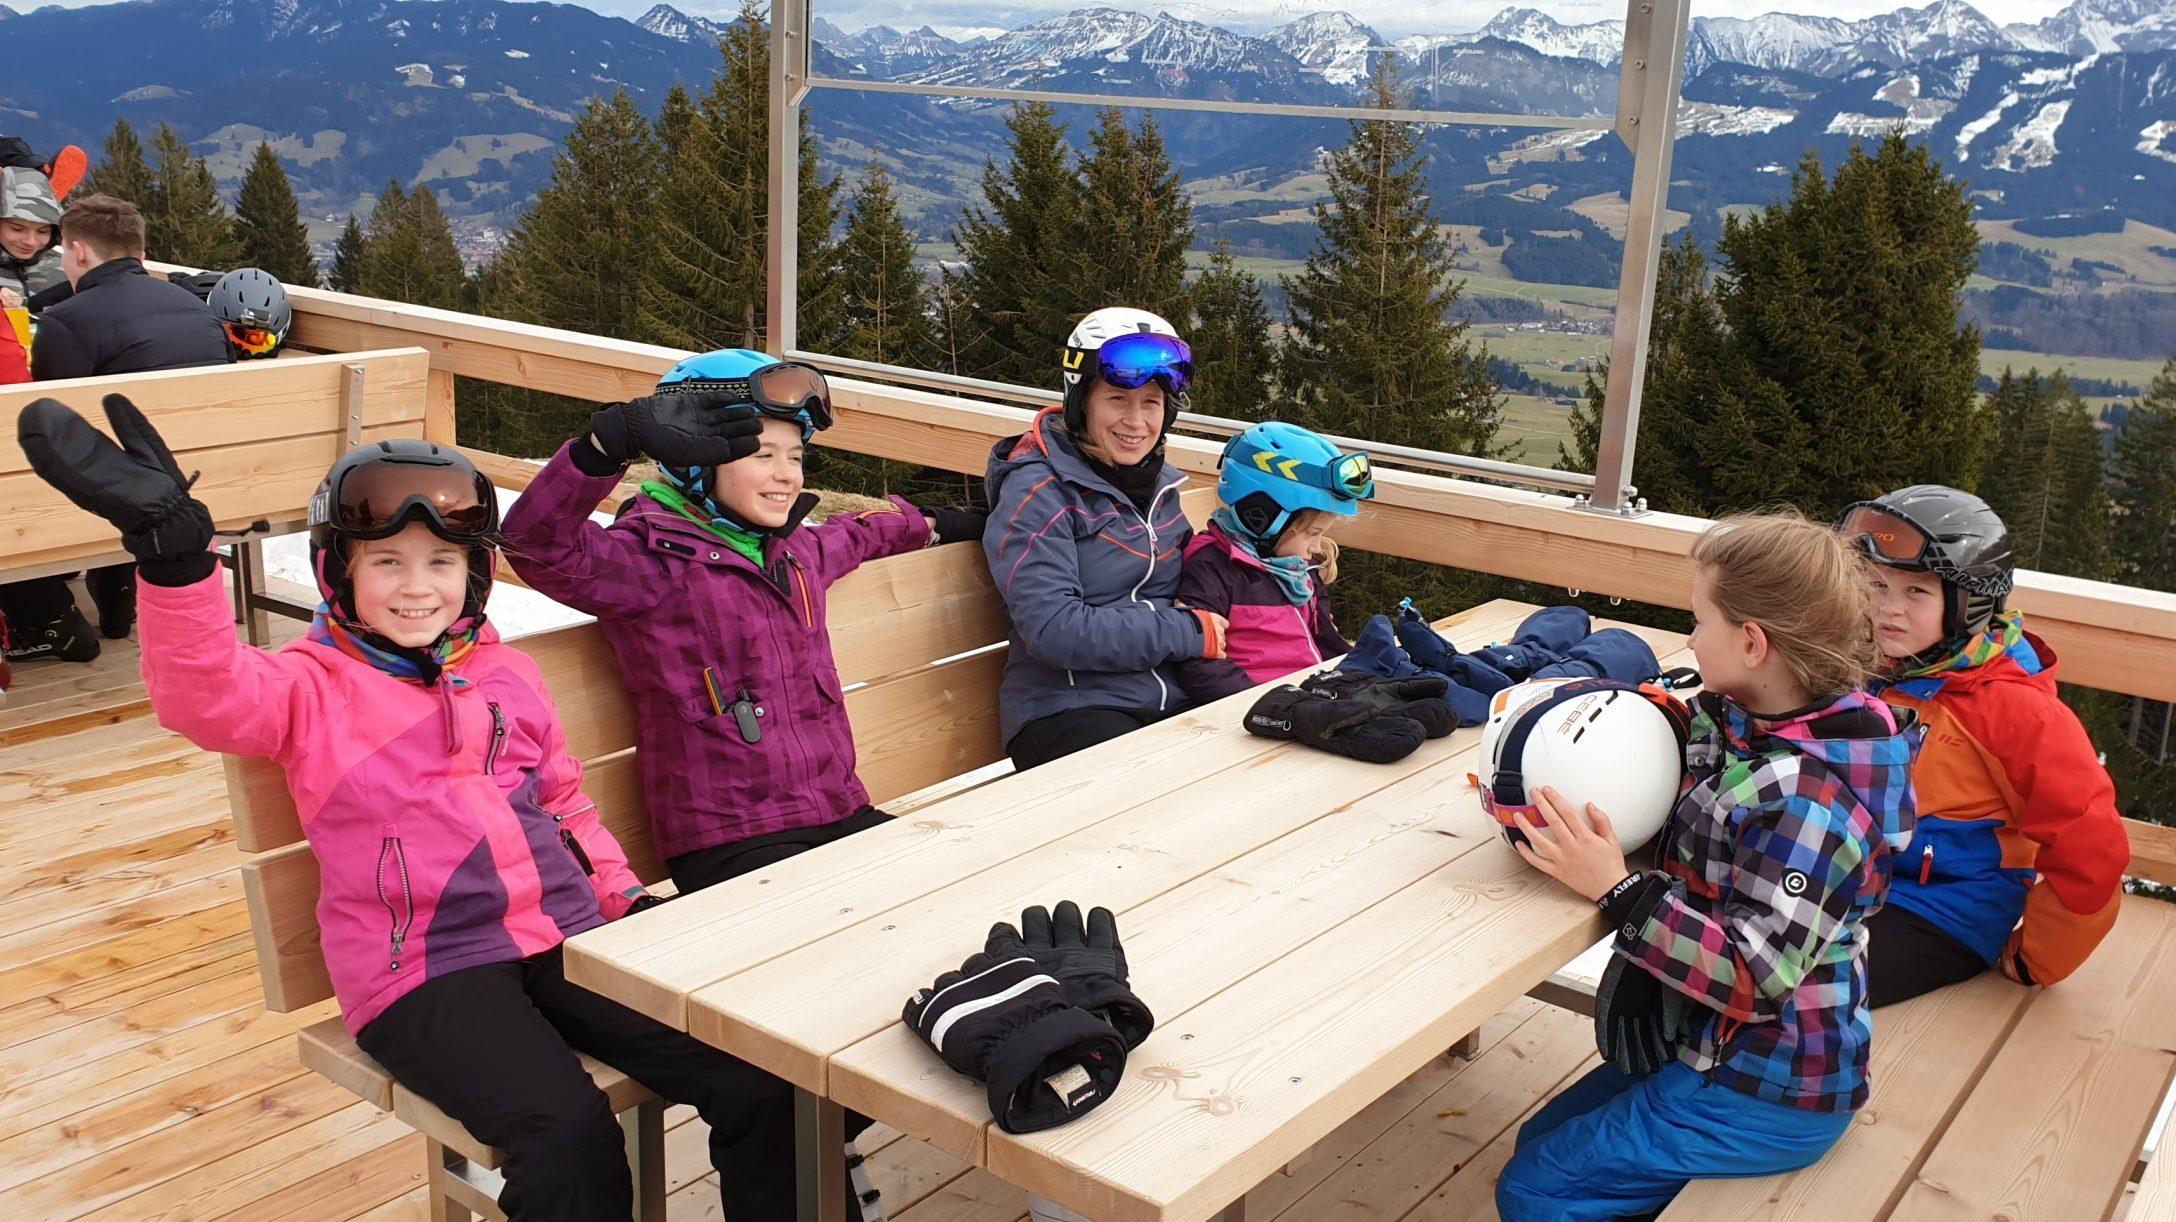 2019-02-27-Familien-Skifreizeit-Skifahren